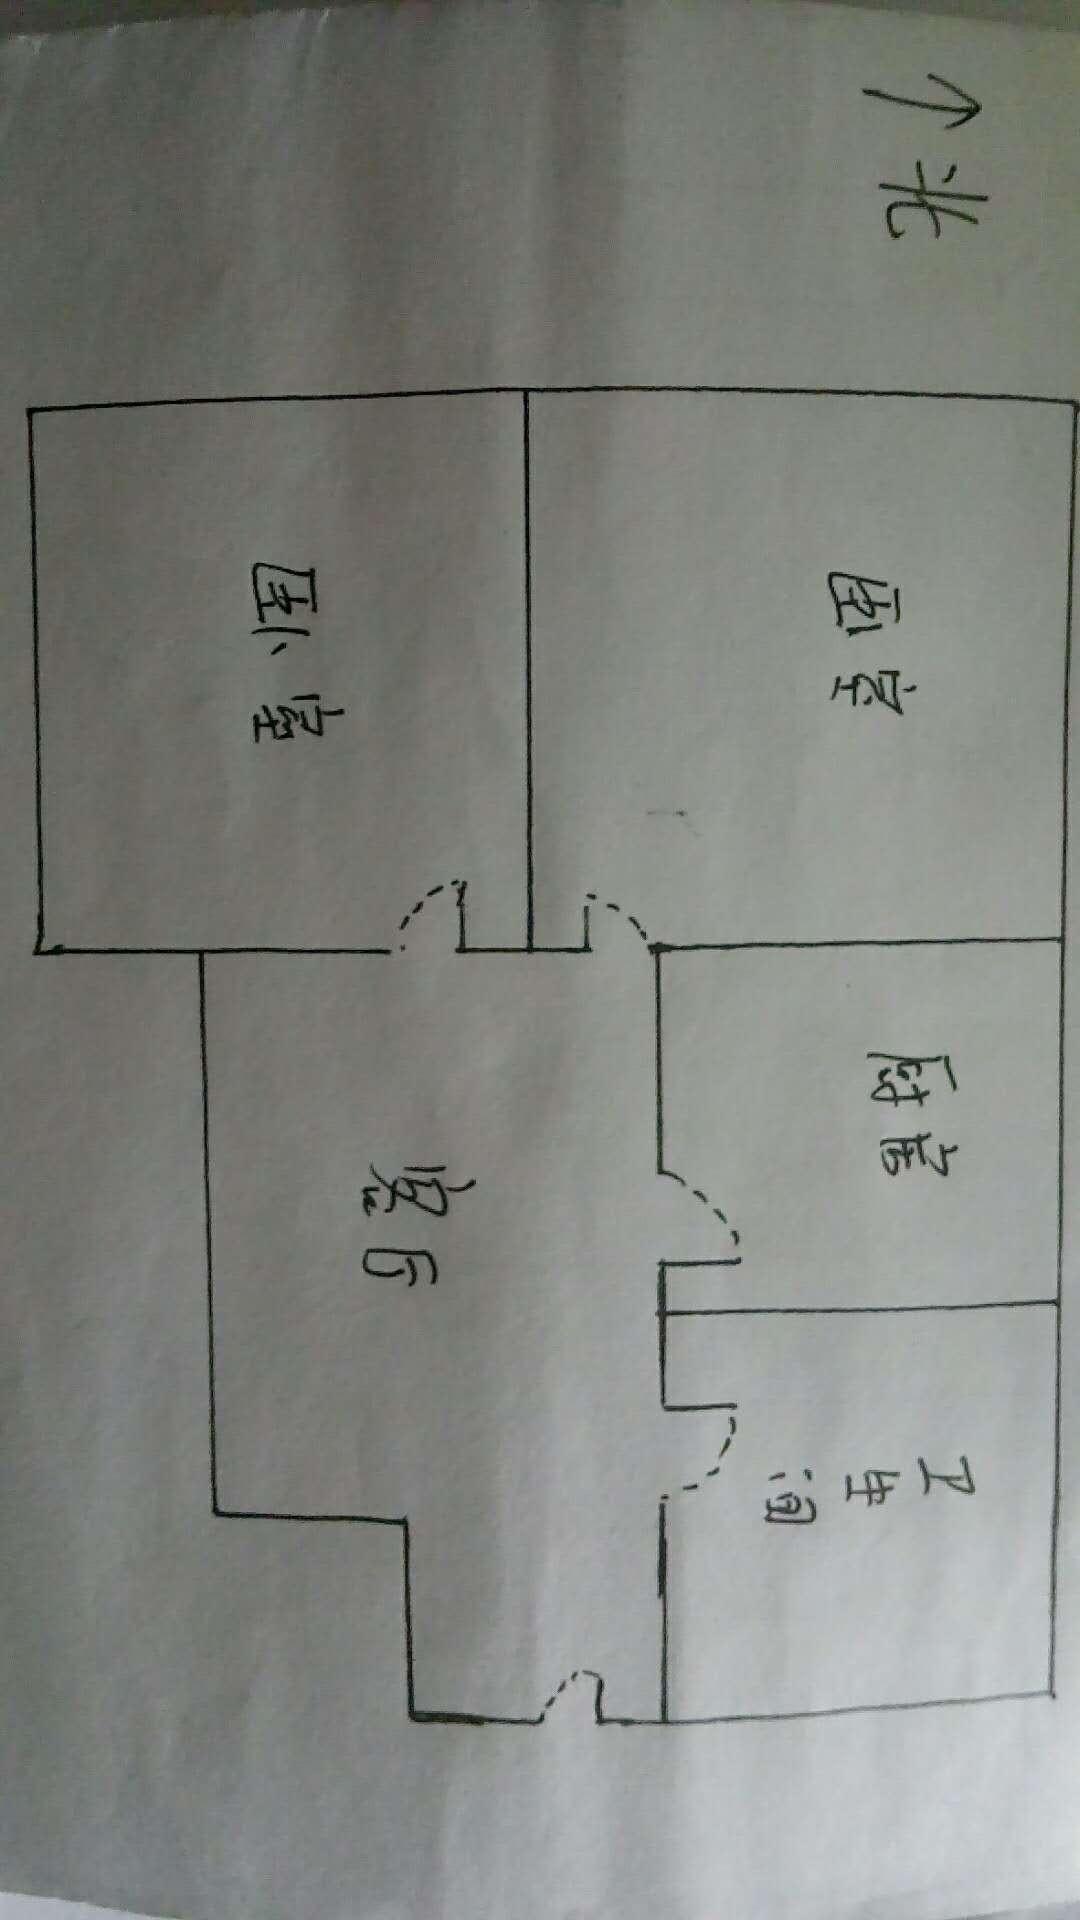 岔河小区 2室2厅 4楼